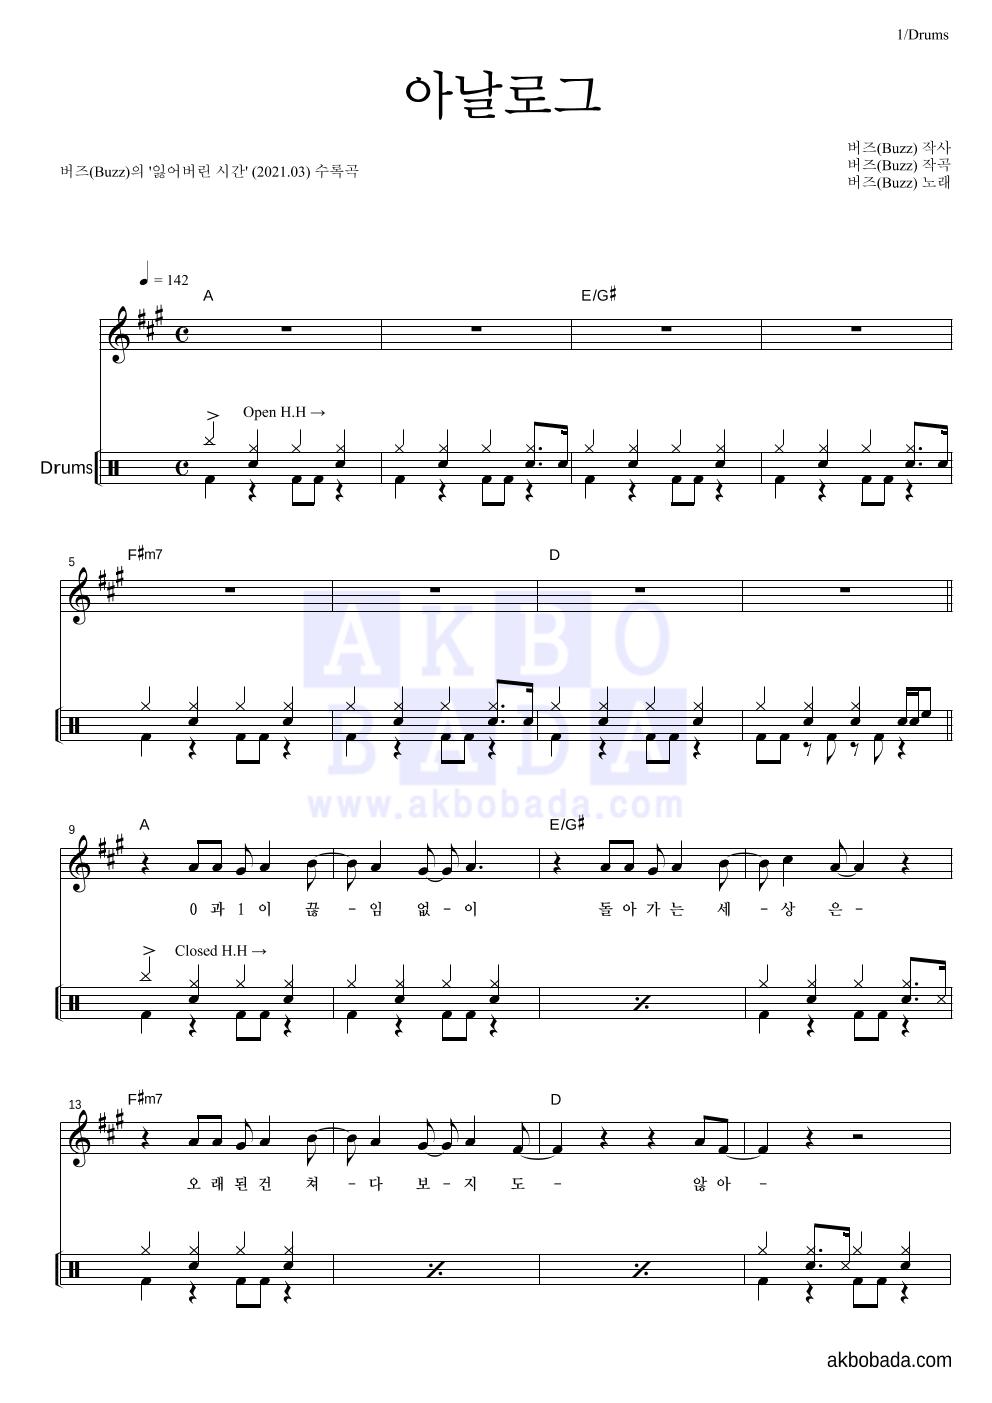 버즈(Buzz) - 아날로그 드럼 악보